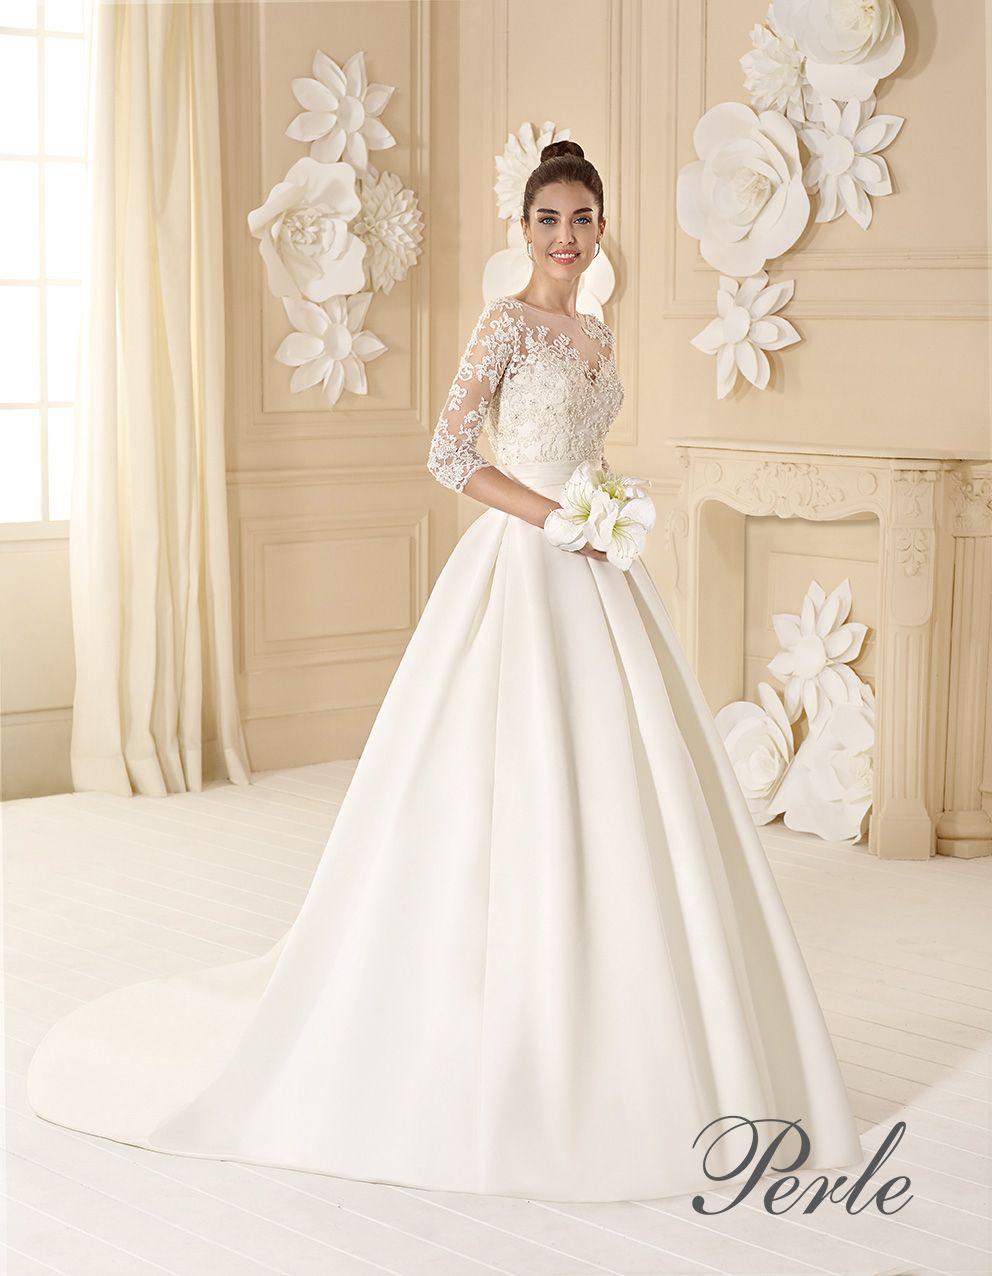 b64c12854261 Raffinato abito da sposa stile principessa di raso douchesse. Corpino di  pizzo ricamato con scollo a barca e maniche lunghe.